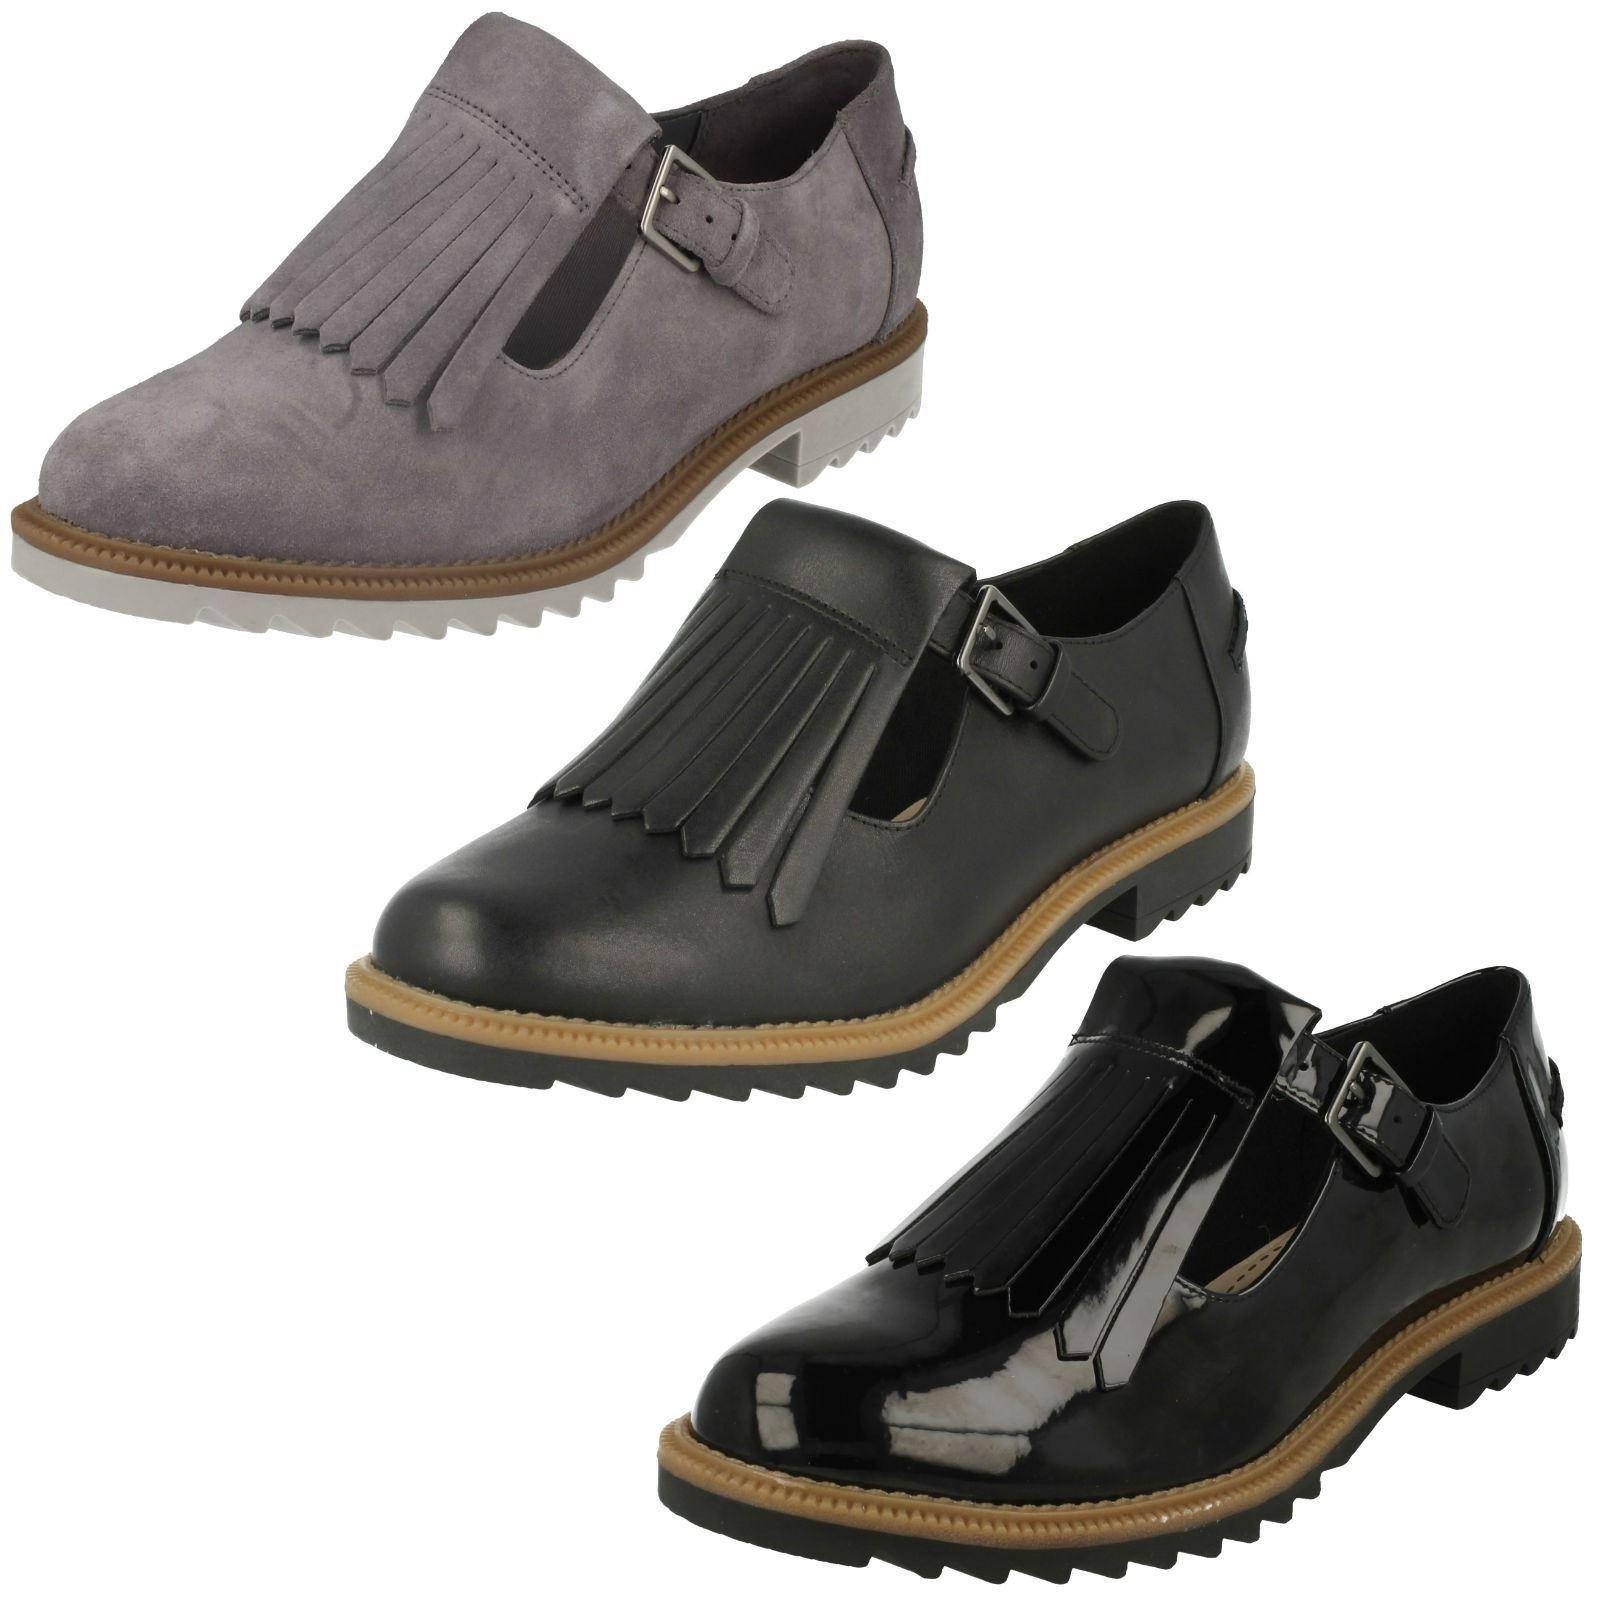 d7d48c45d00b Clarks Griffin Mia Womens Casual Shoes STD Fit UK 6 EU 39 Ln12 11 for sale  online